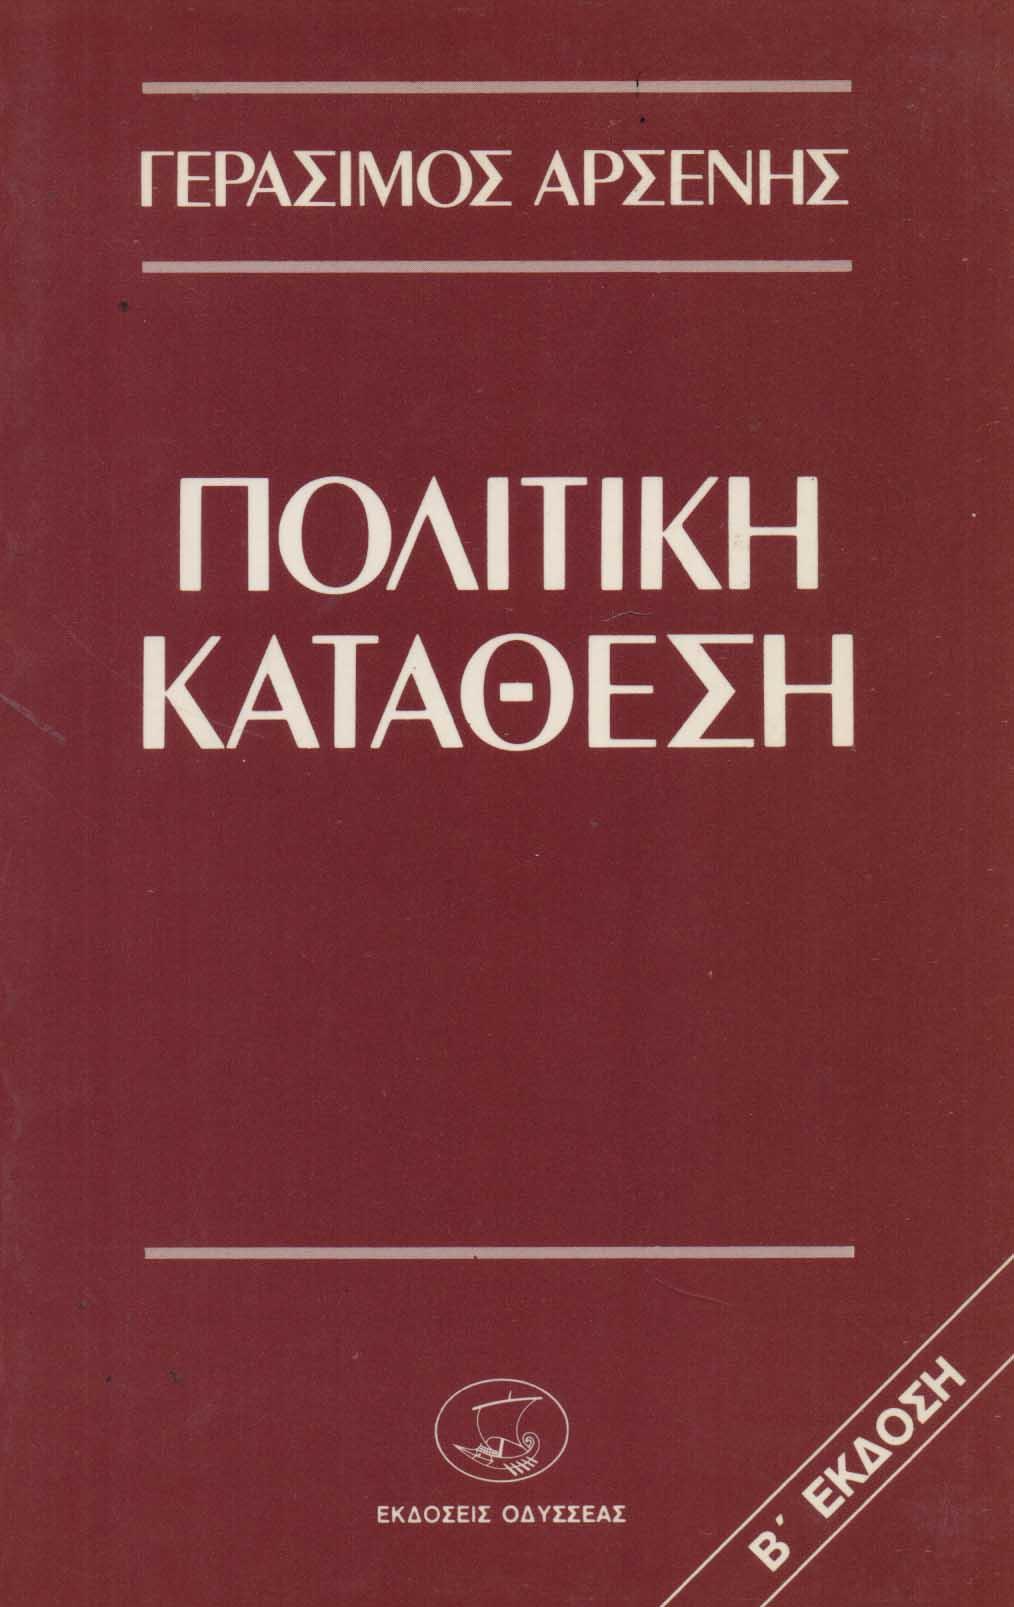 POLITIKI KATATHESI